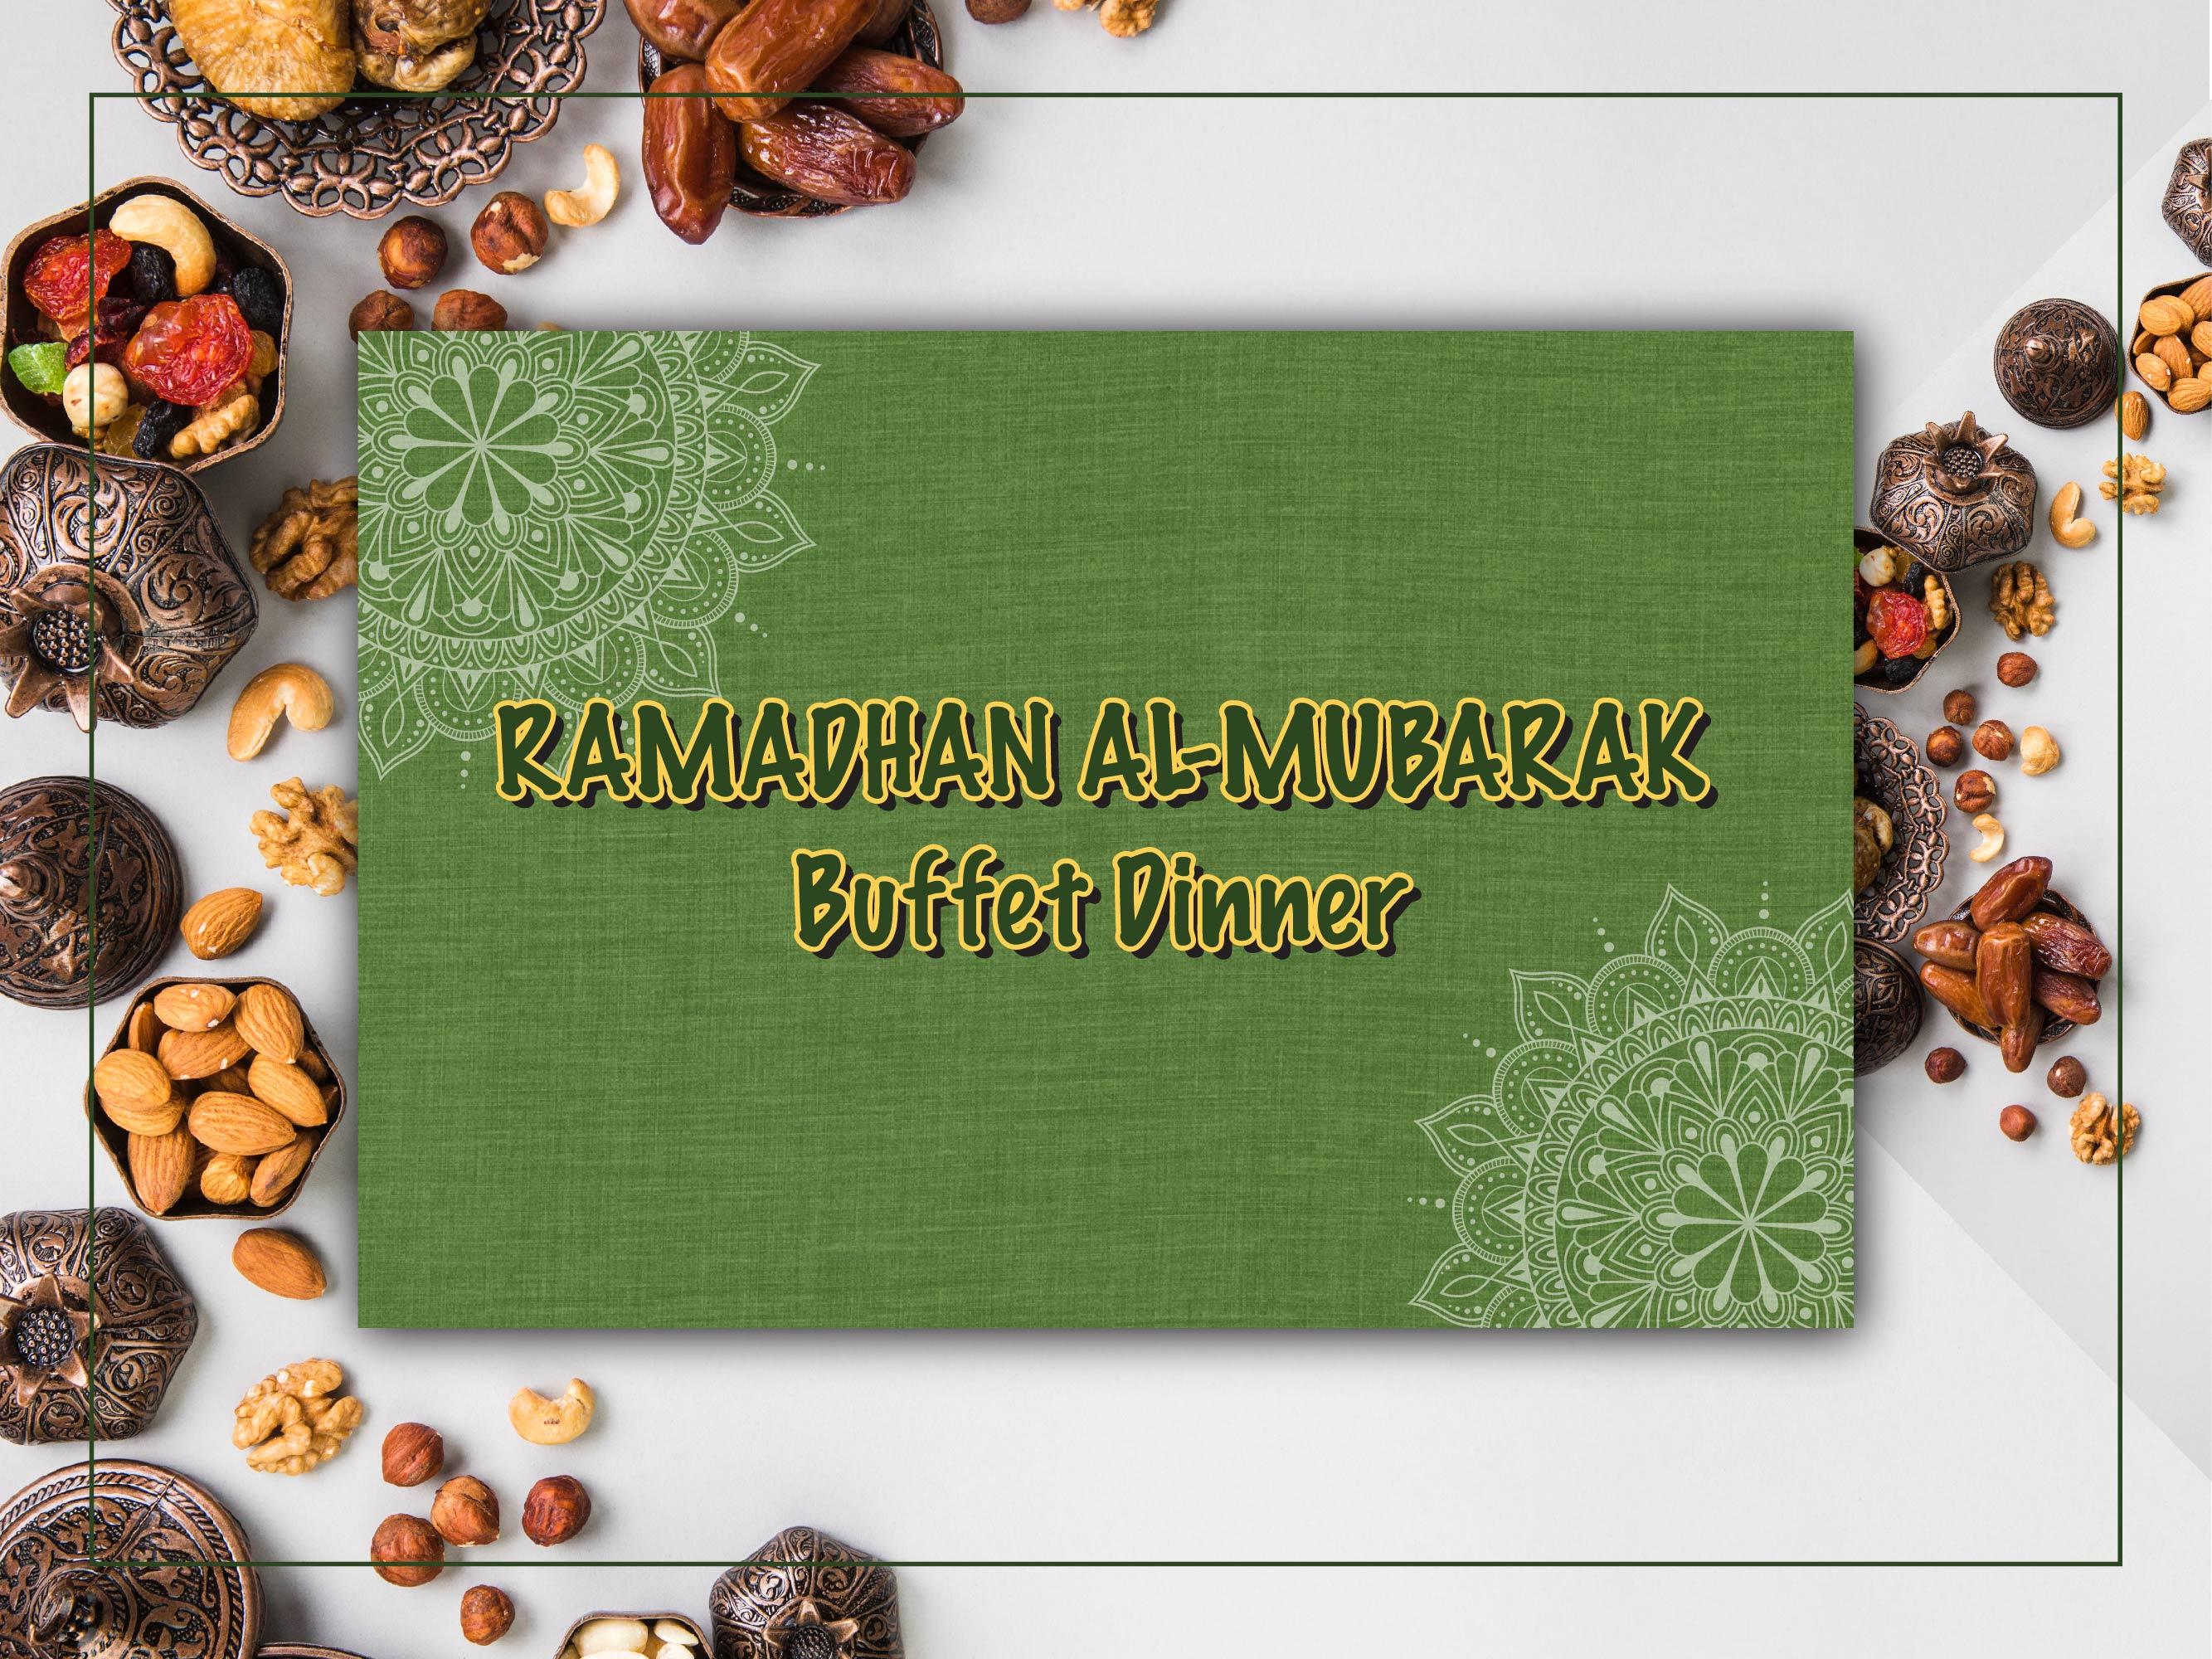 Ramadhan Al-Mubarak Buffet Dinner